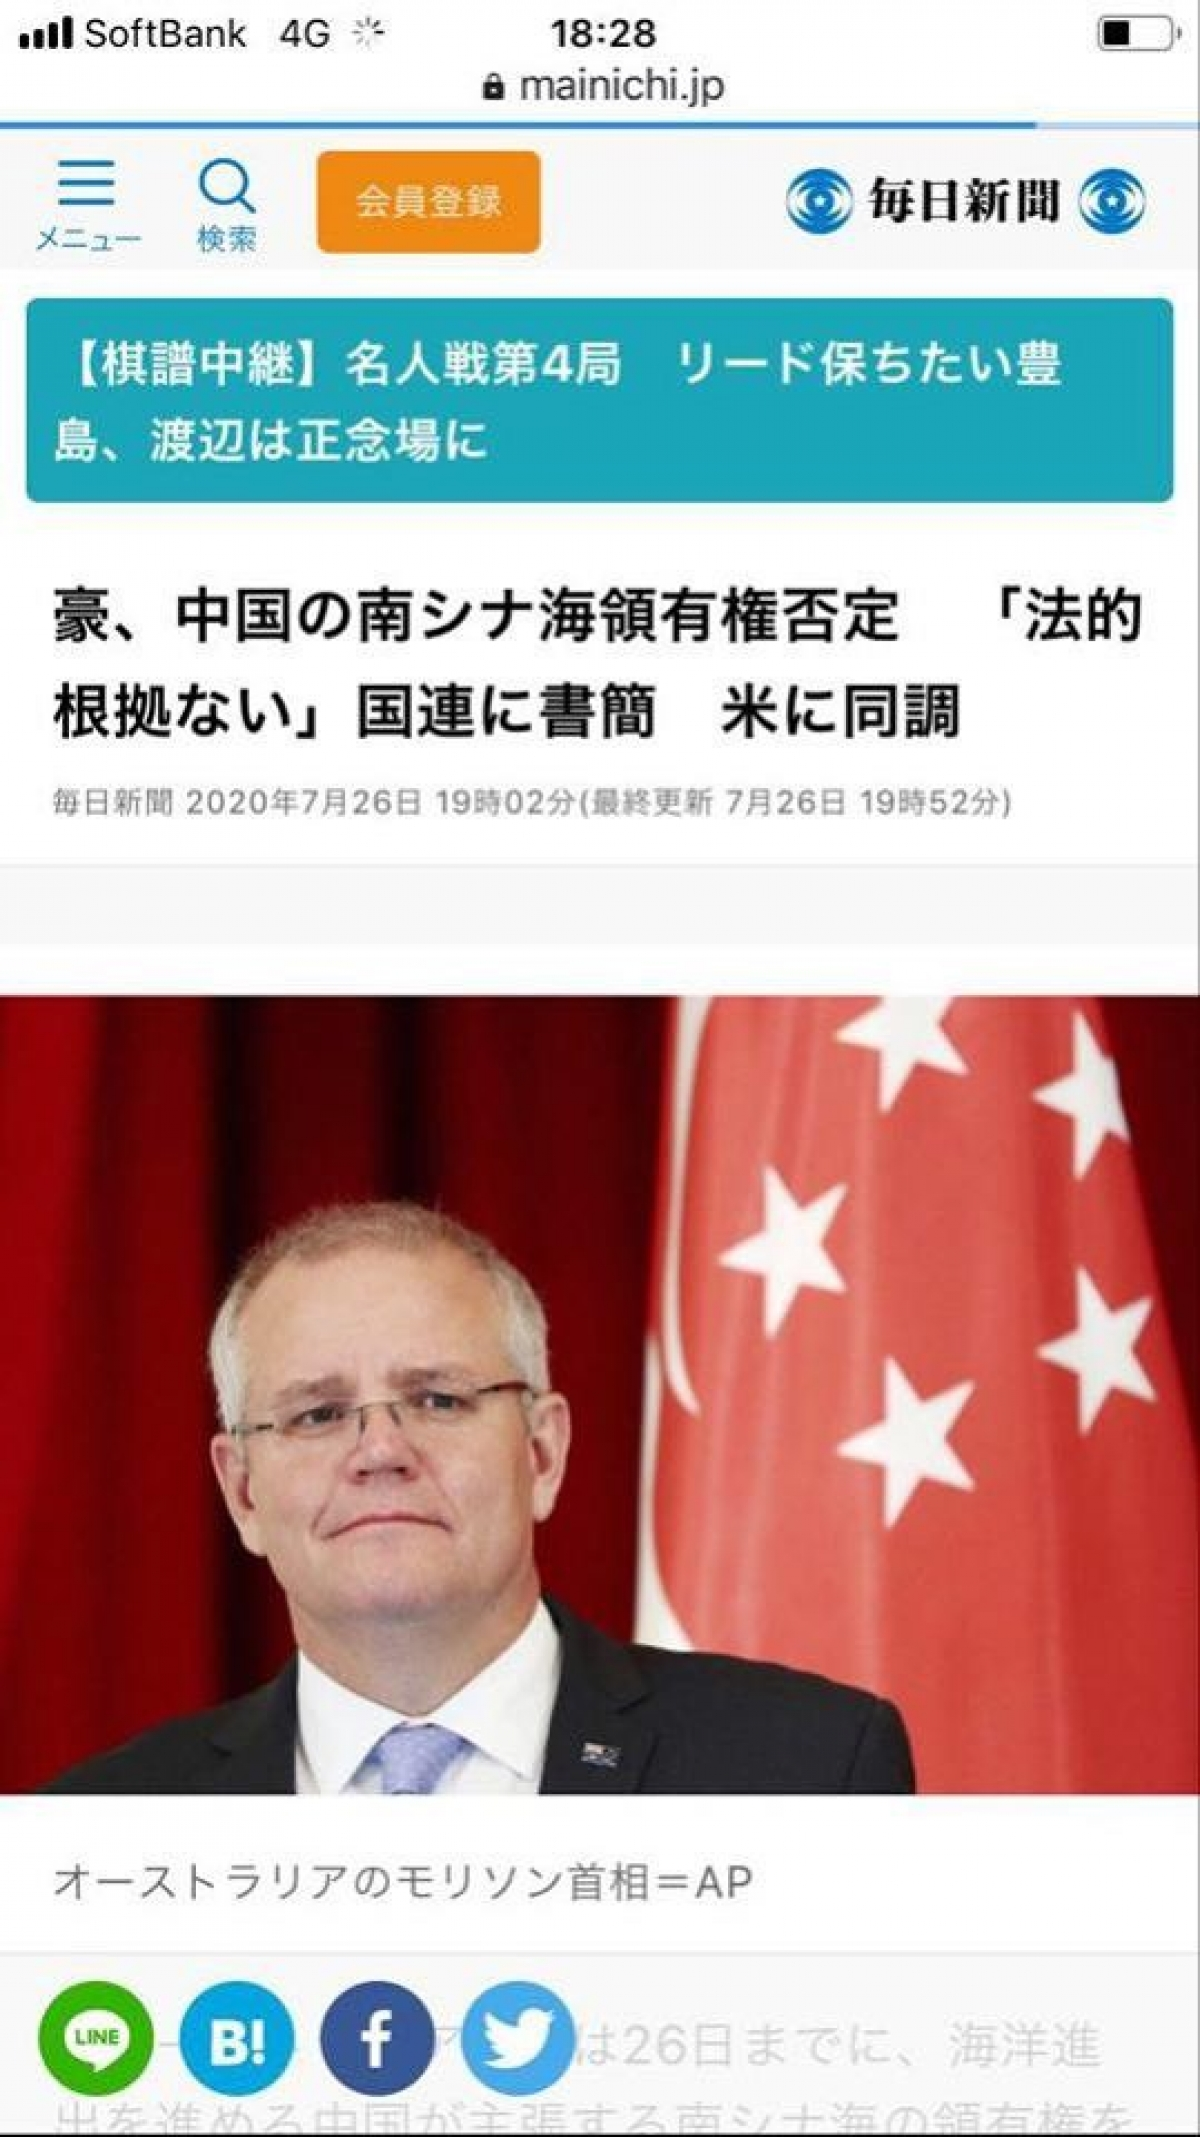 Ảnh chụp màn hình báo Mainichi đưa tin về việc Australia phản đối yêu sách của Trung Quốc tại Biển Đông.